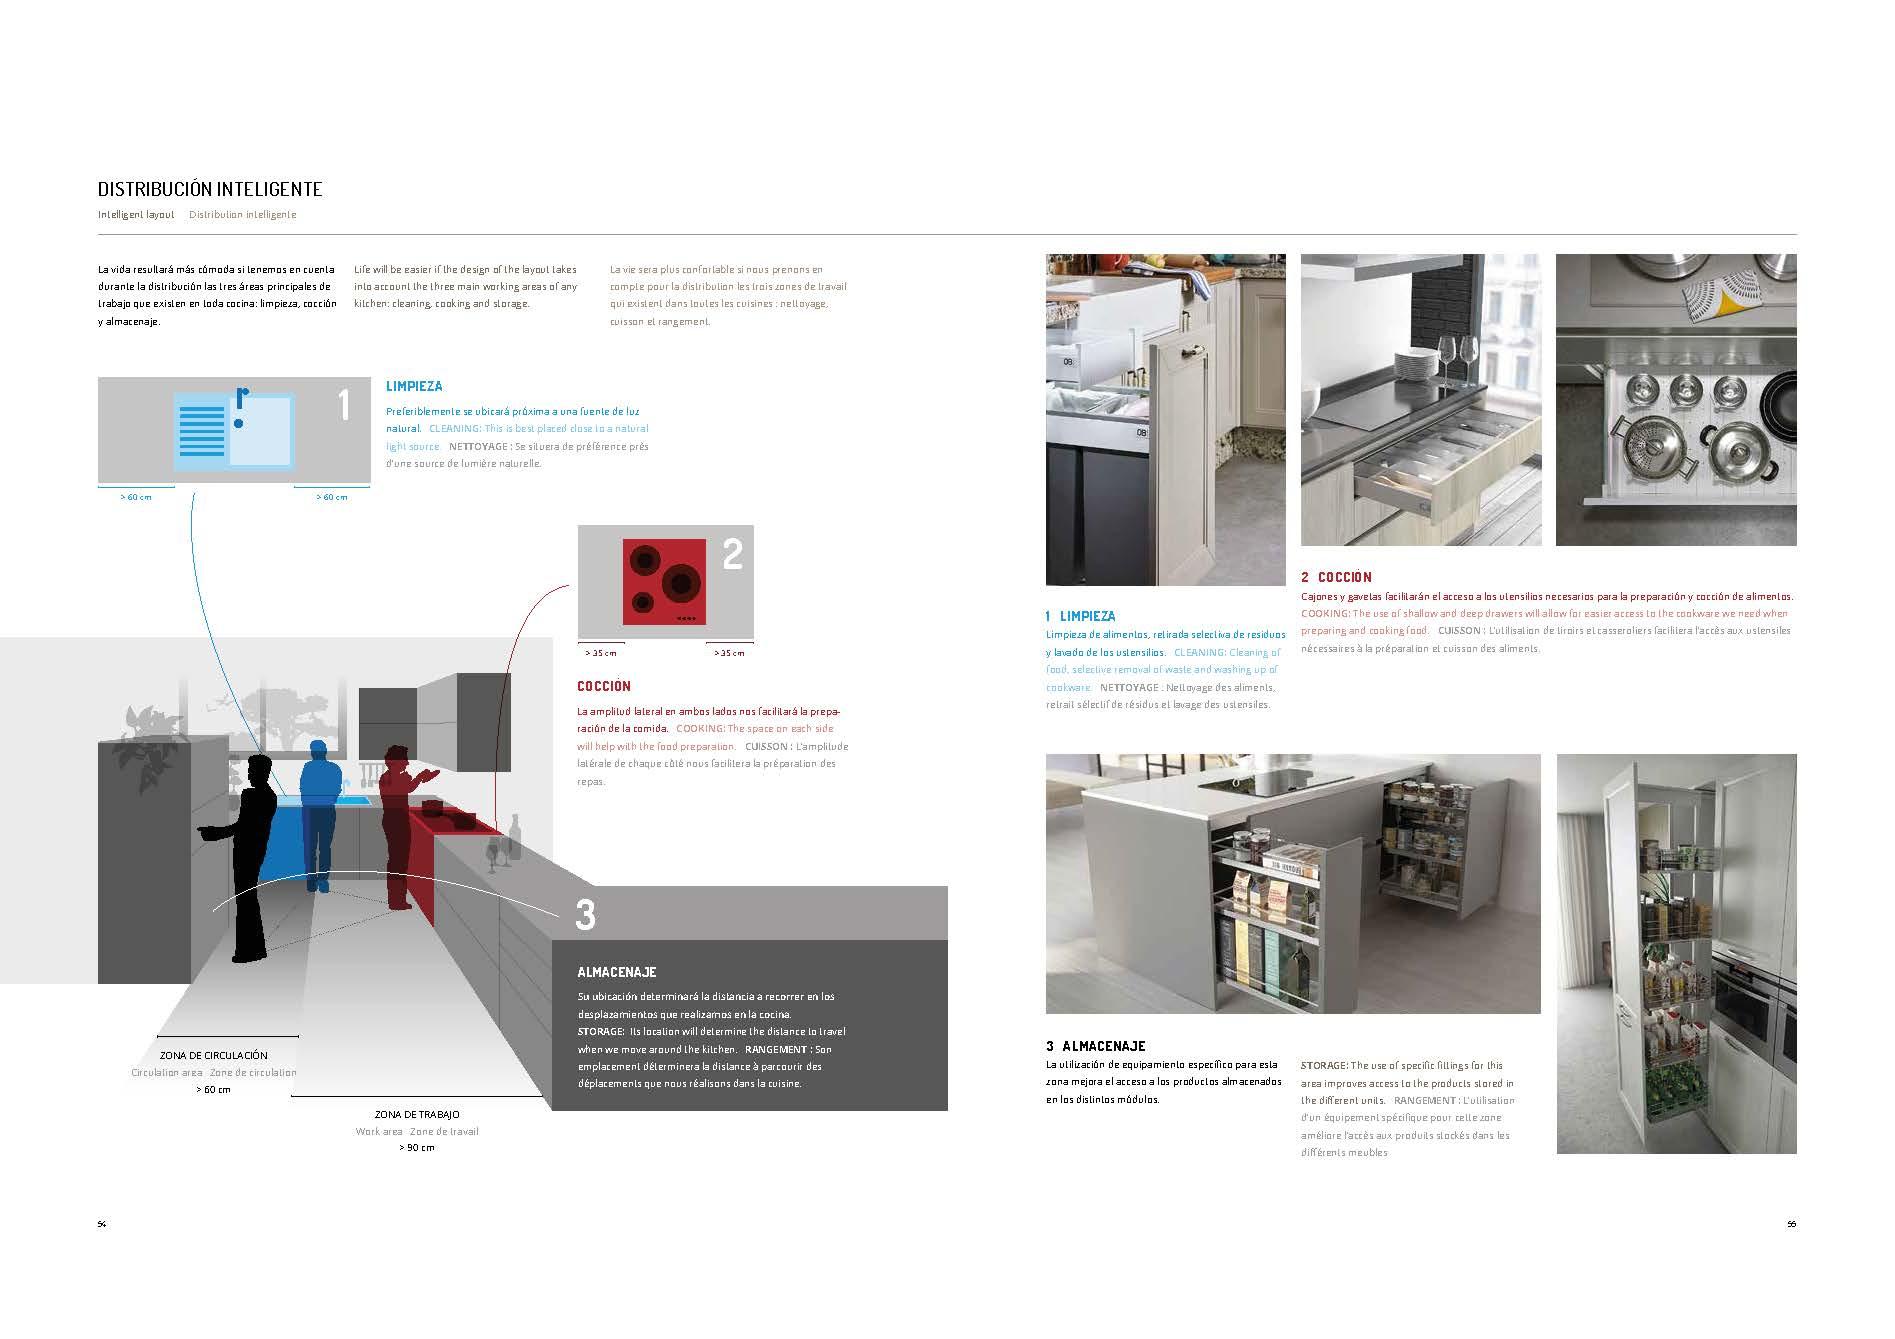 Ficha técnica de distribución inteligente de cocina